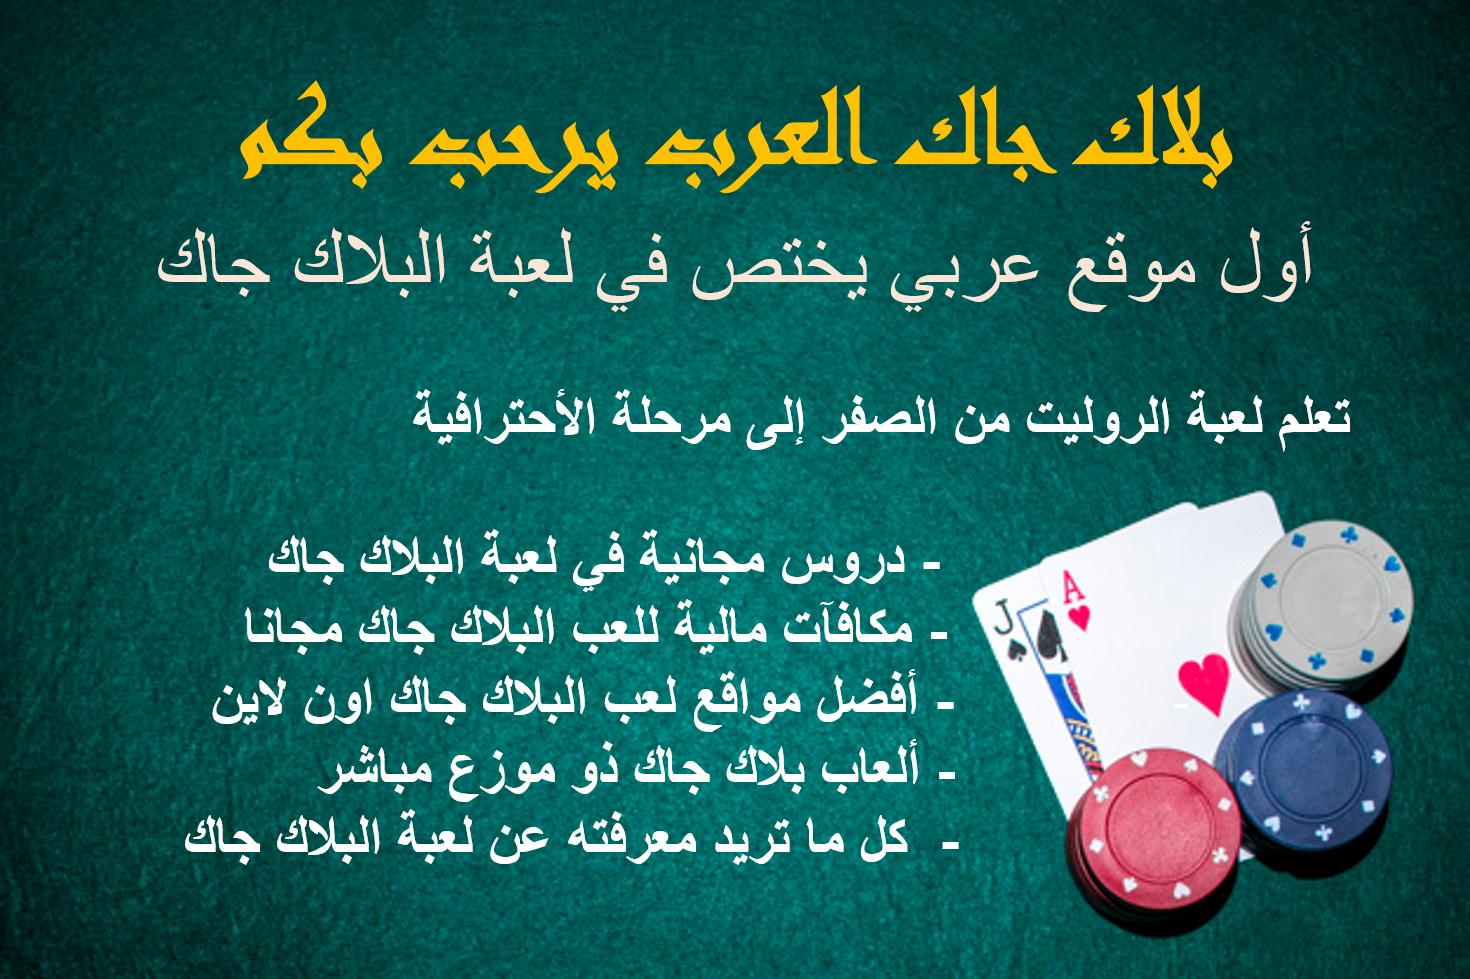 لعبة قمار للايفون - 83887